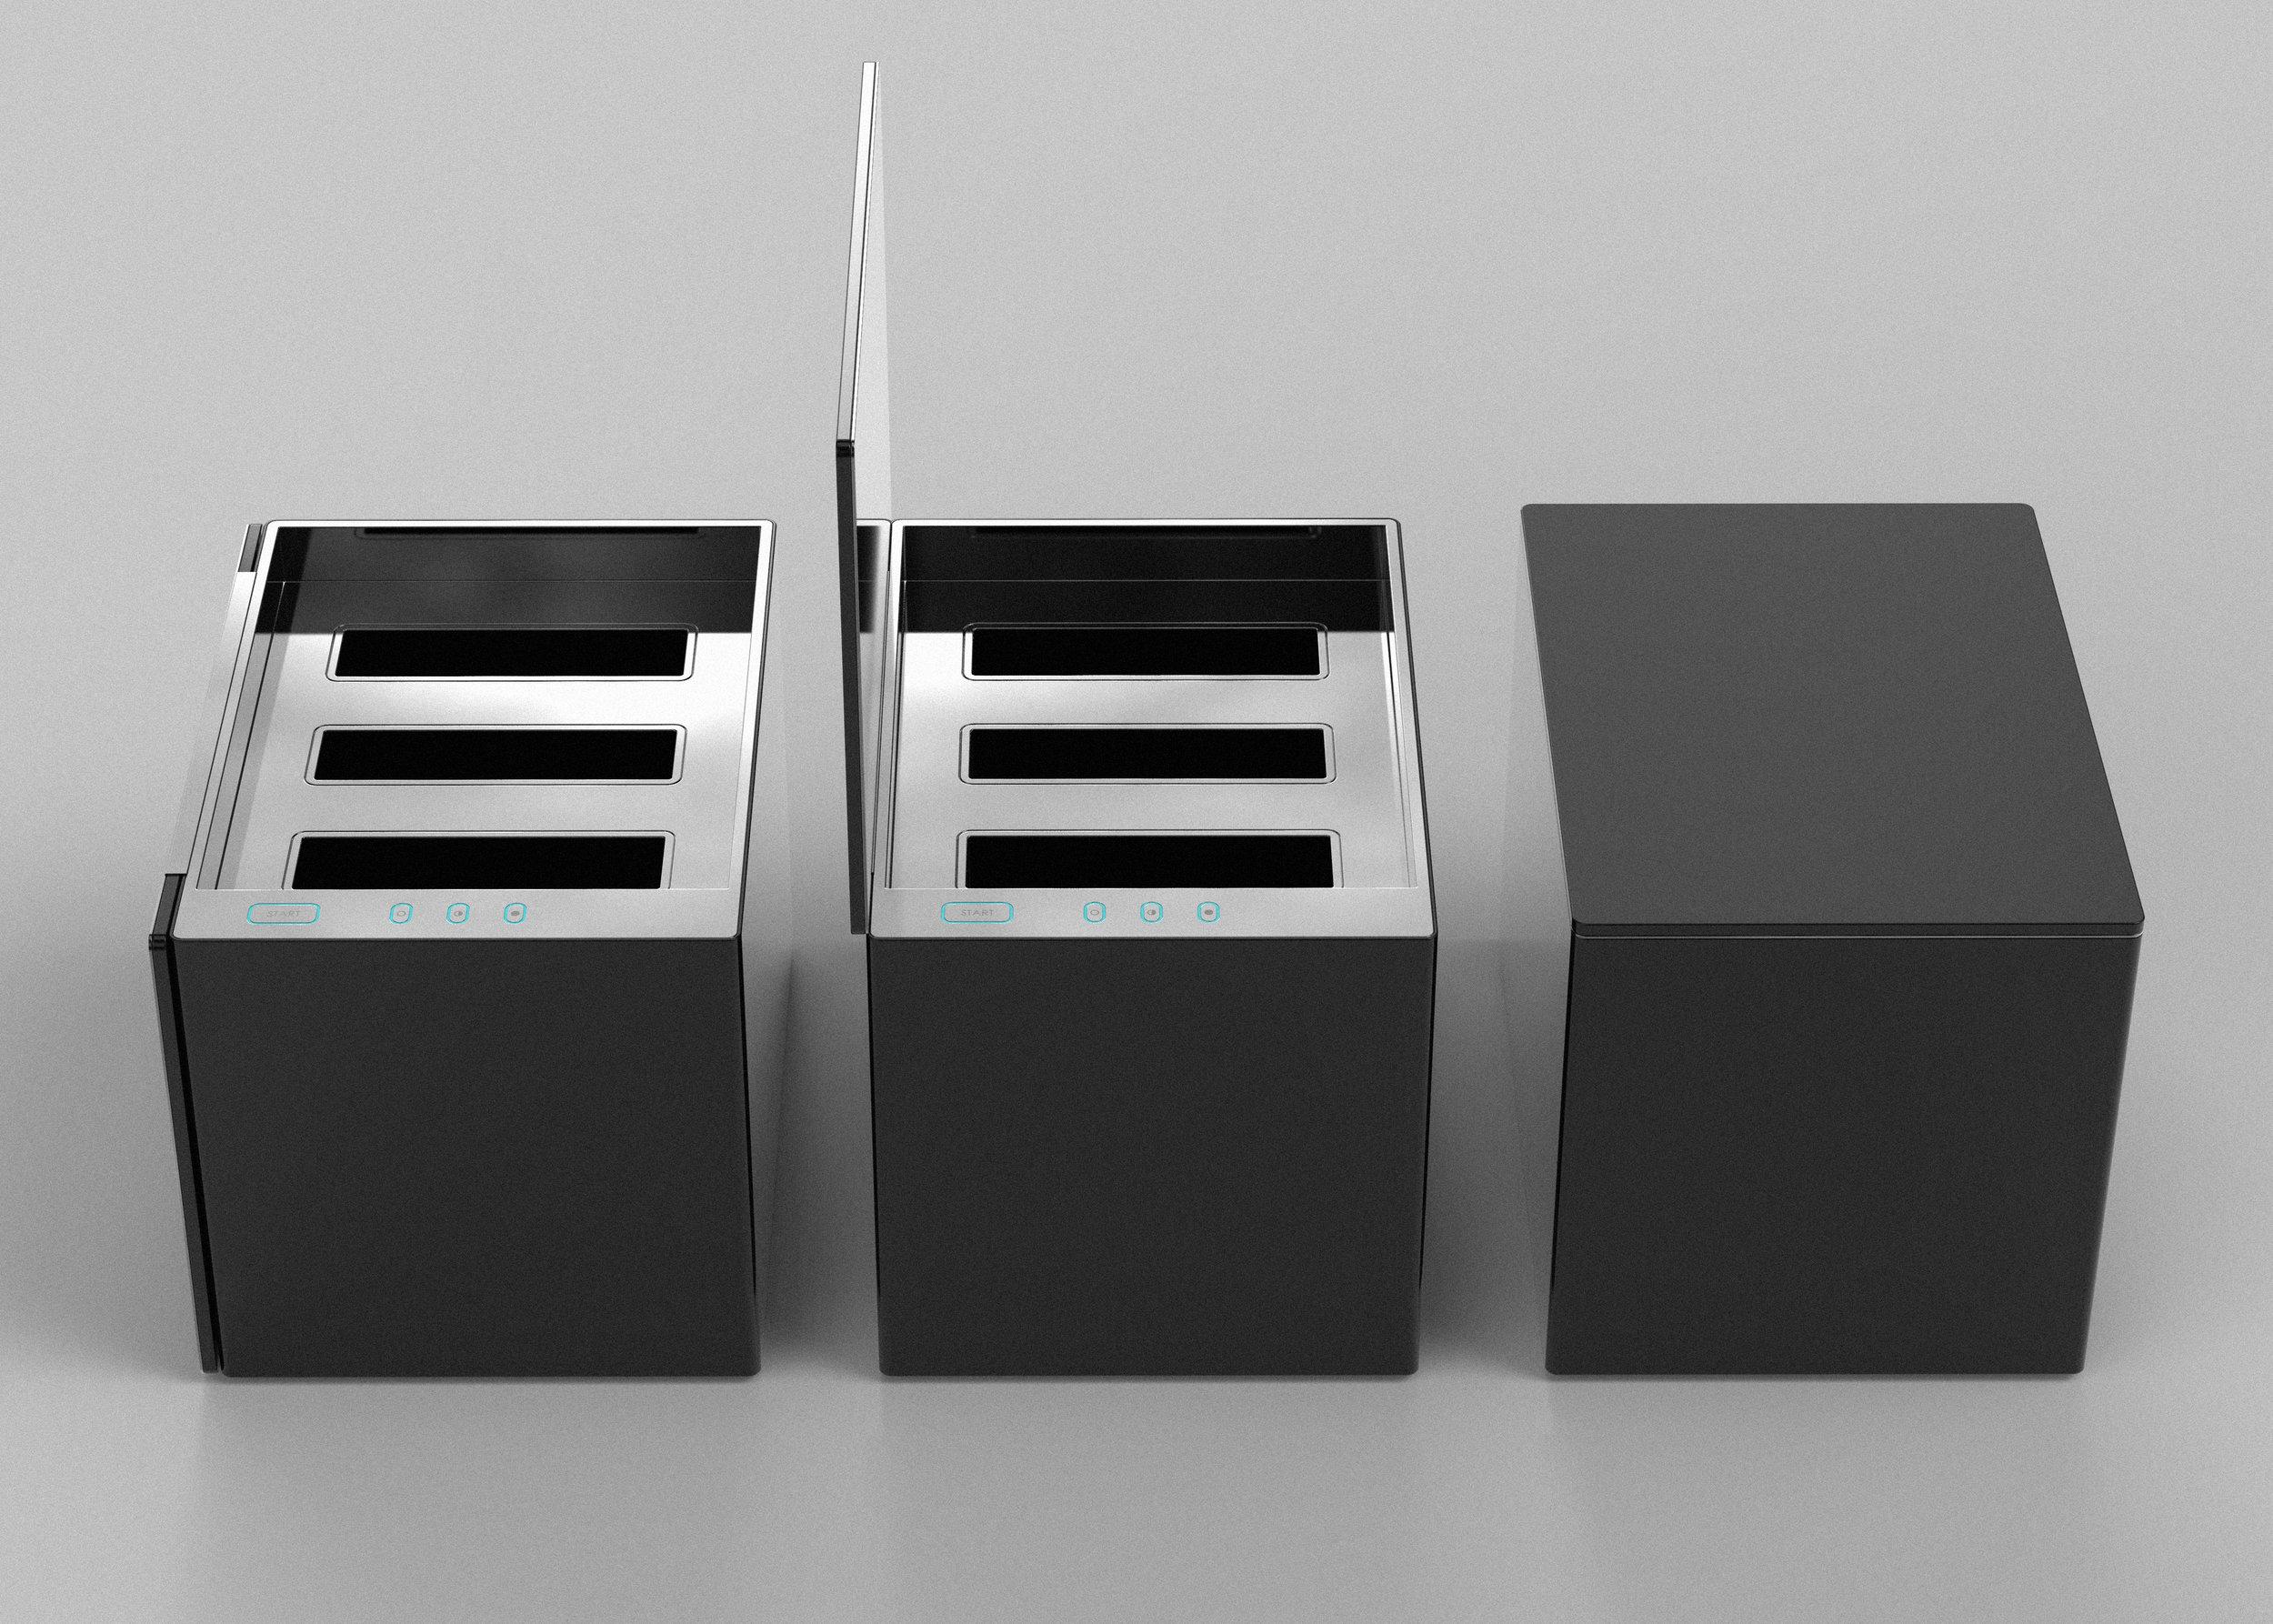 Whirlpool_Toaster.23.jpg